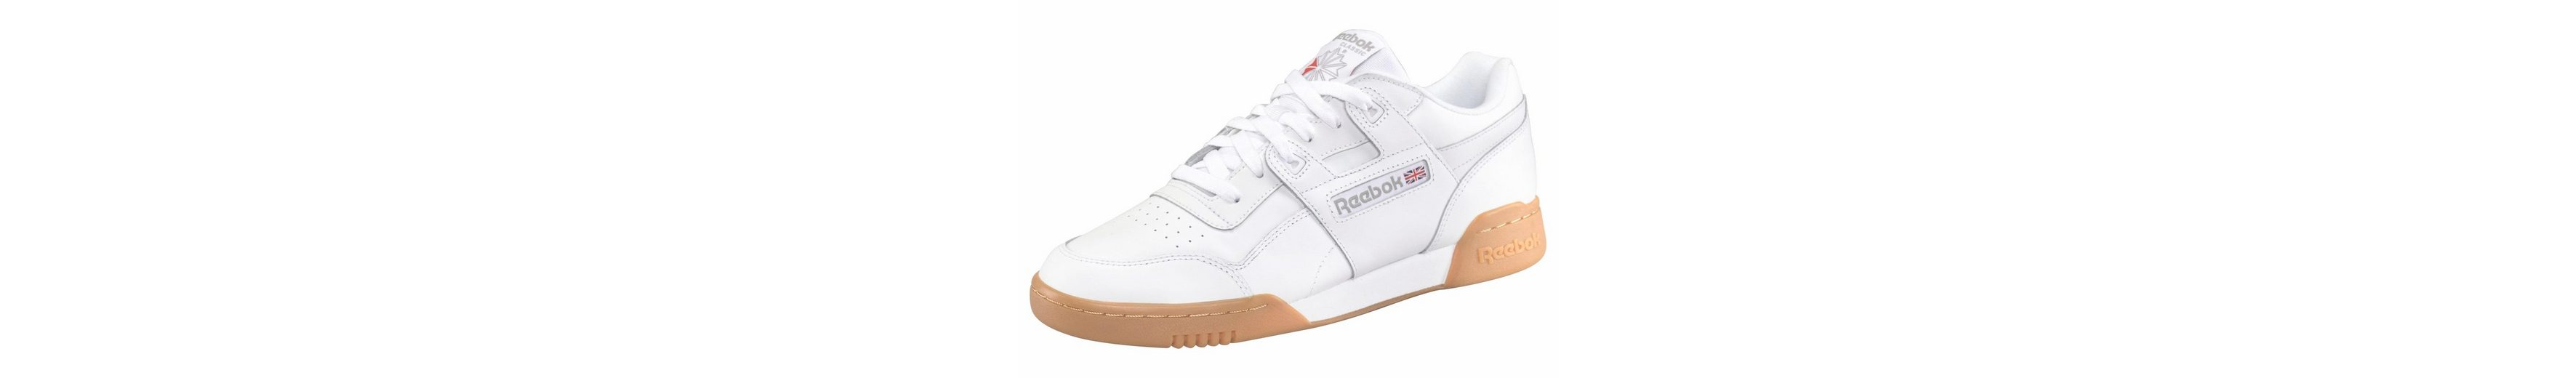 Reebok Classic Workout Plus Unisex Sneaker Verkauf Schnelle Lieferung lhiOi